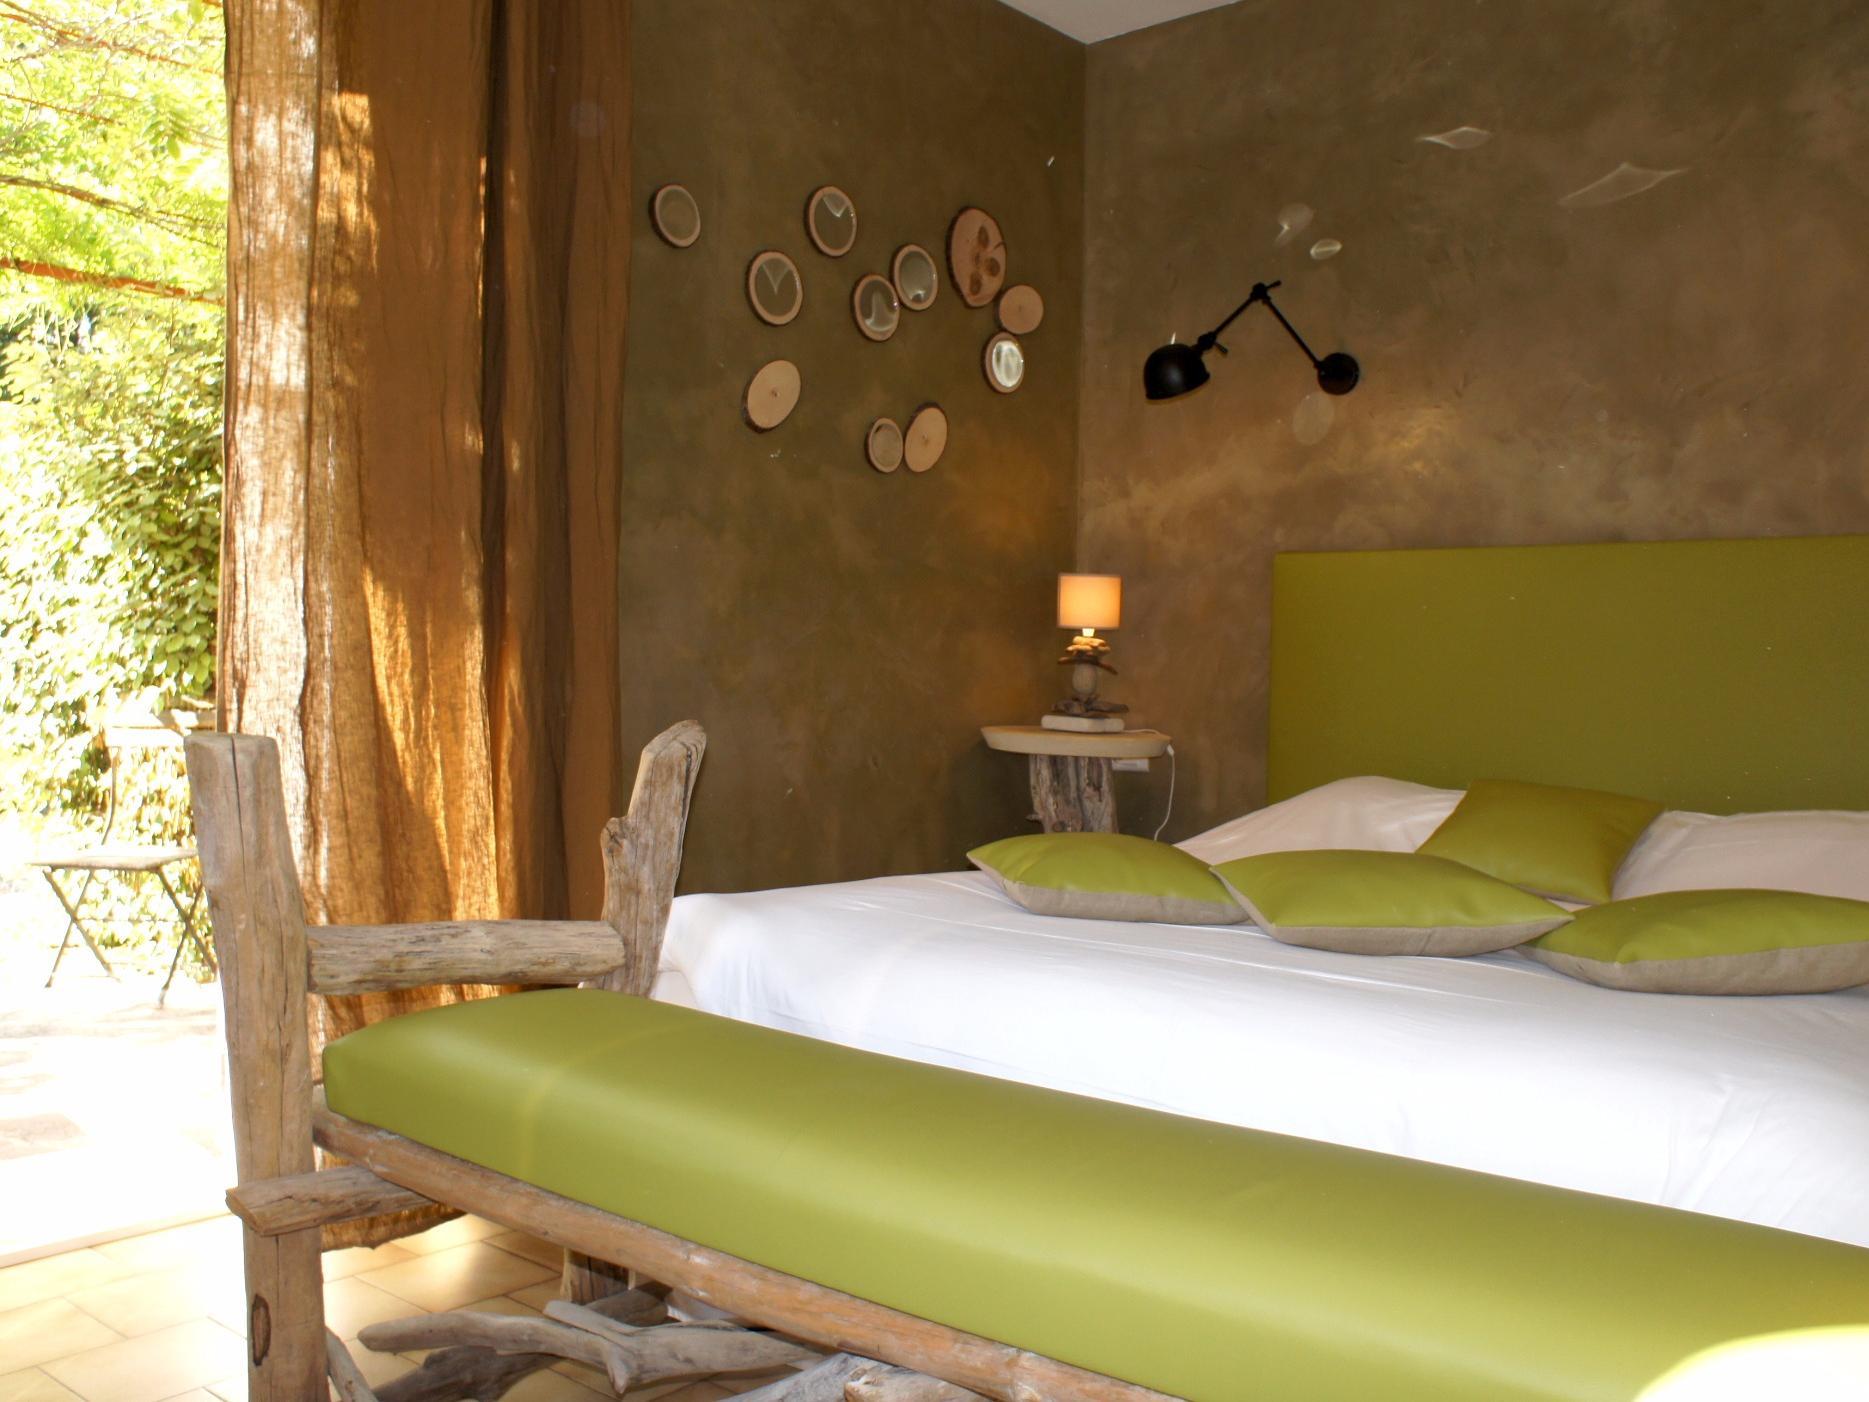 hotel-des-pins-rest-l-esprit-jardin-chambres-bedoin-908624 Frais De Magasin De Jardinage Schème